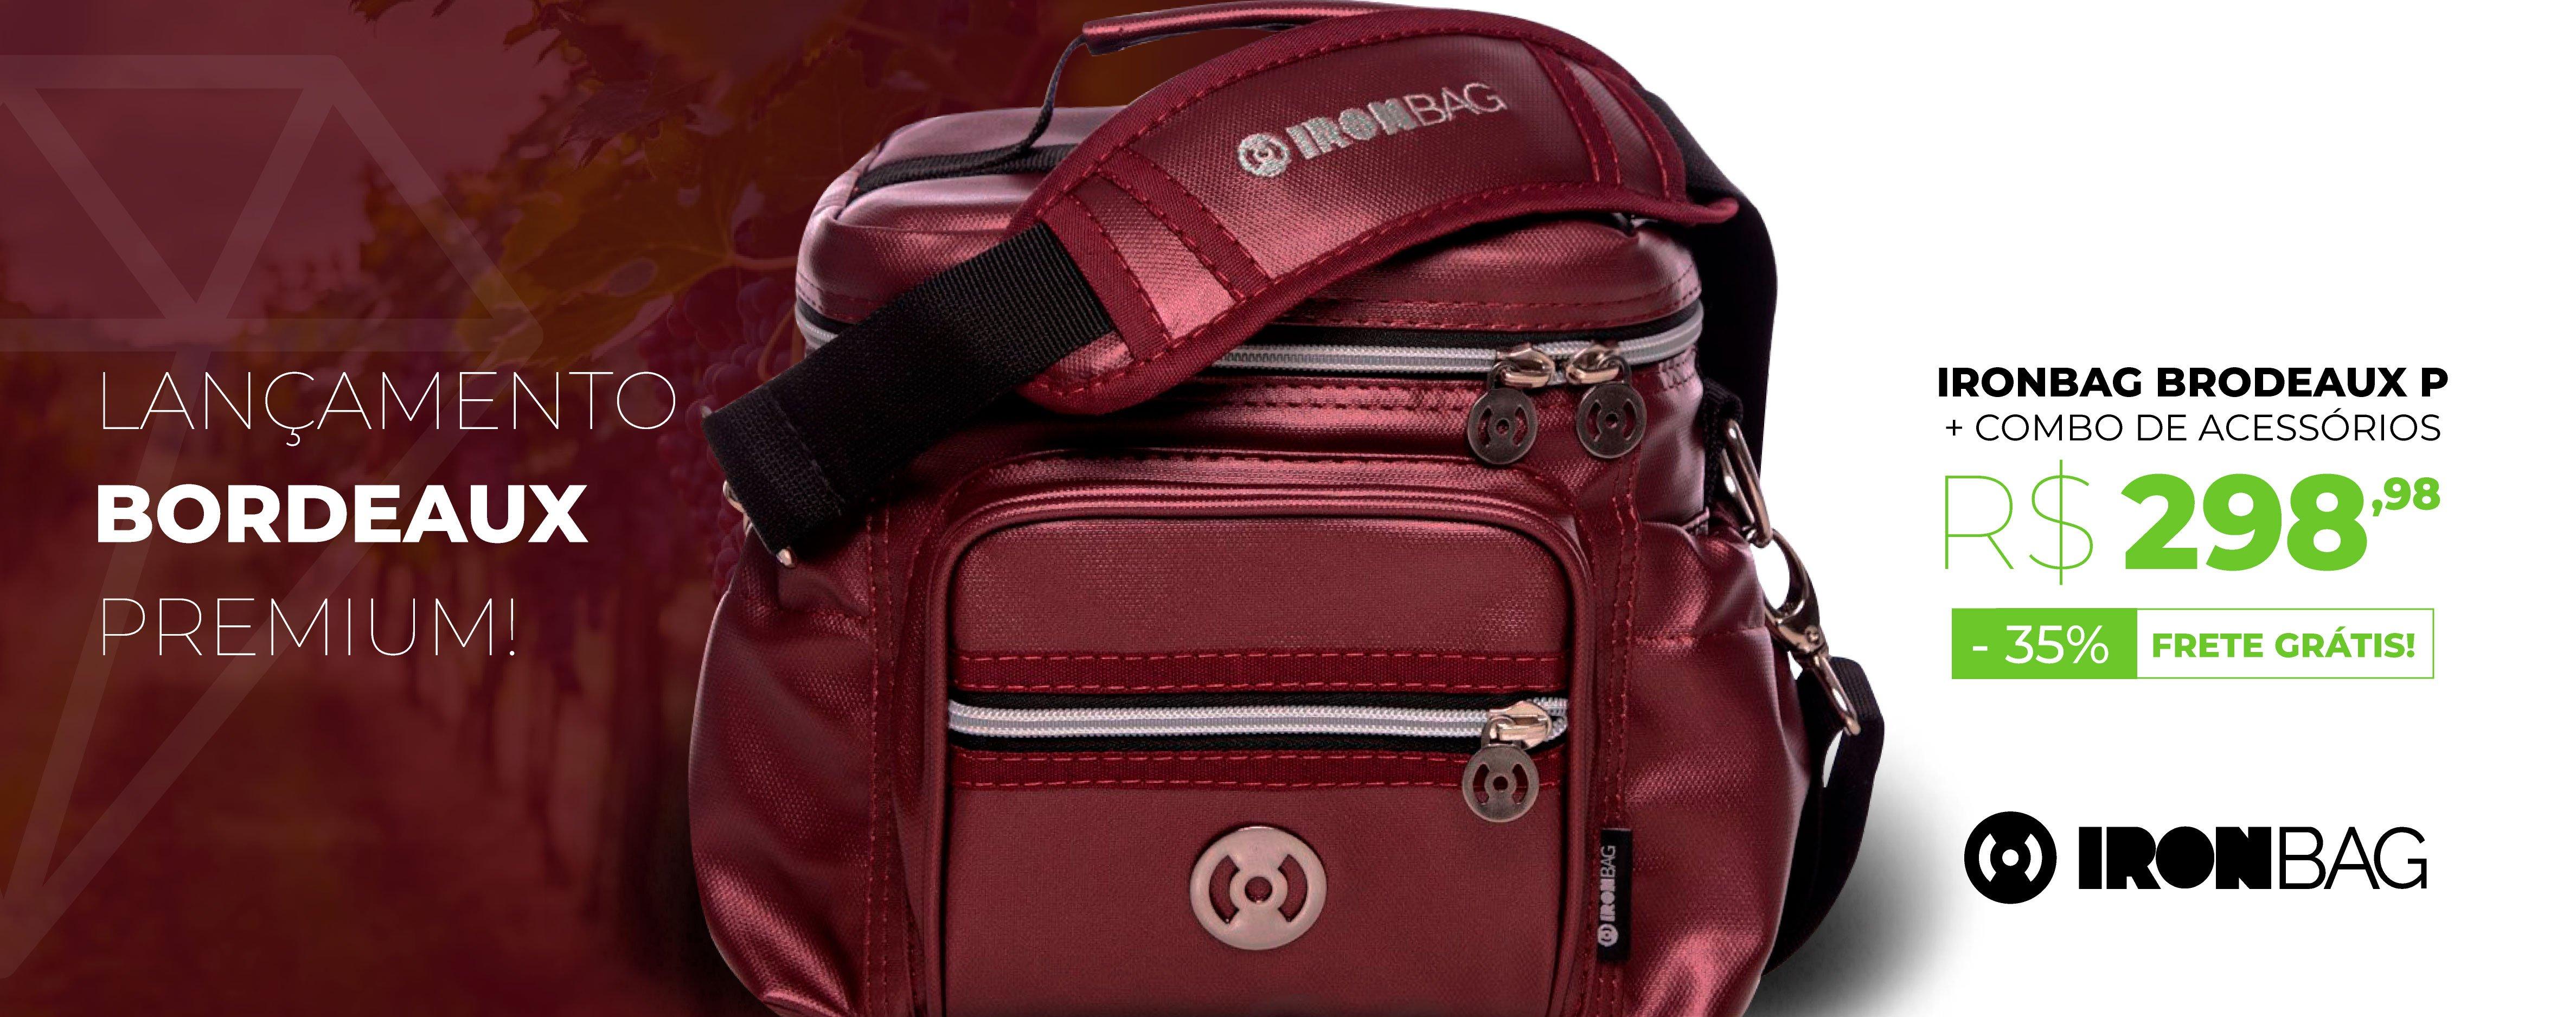 8a9dc8390 Iron Bag